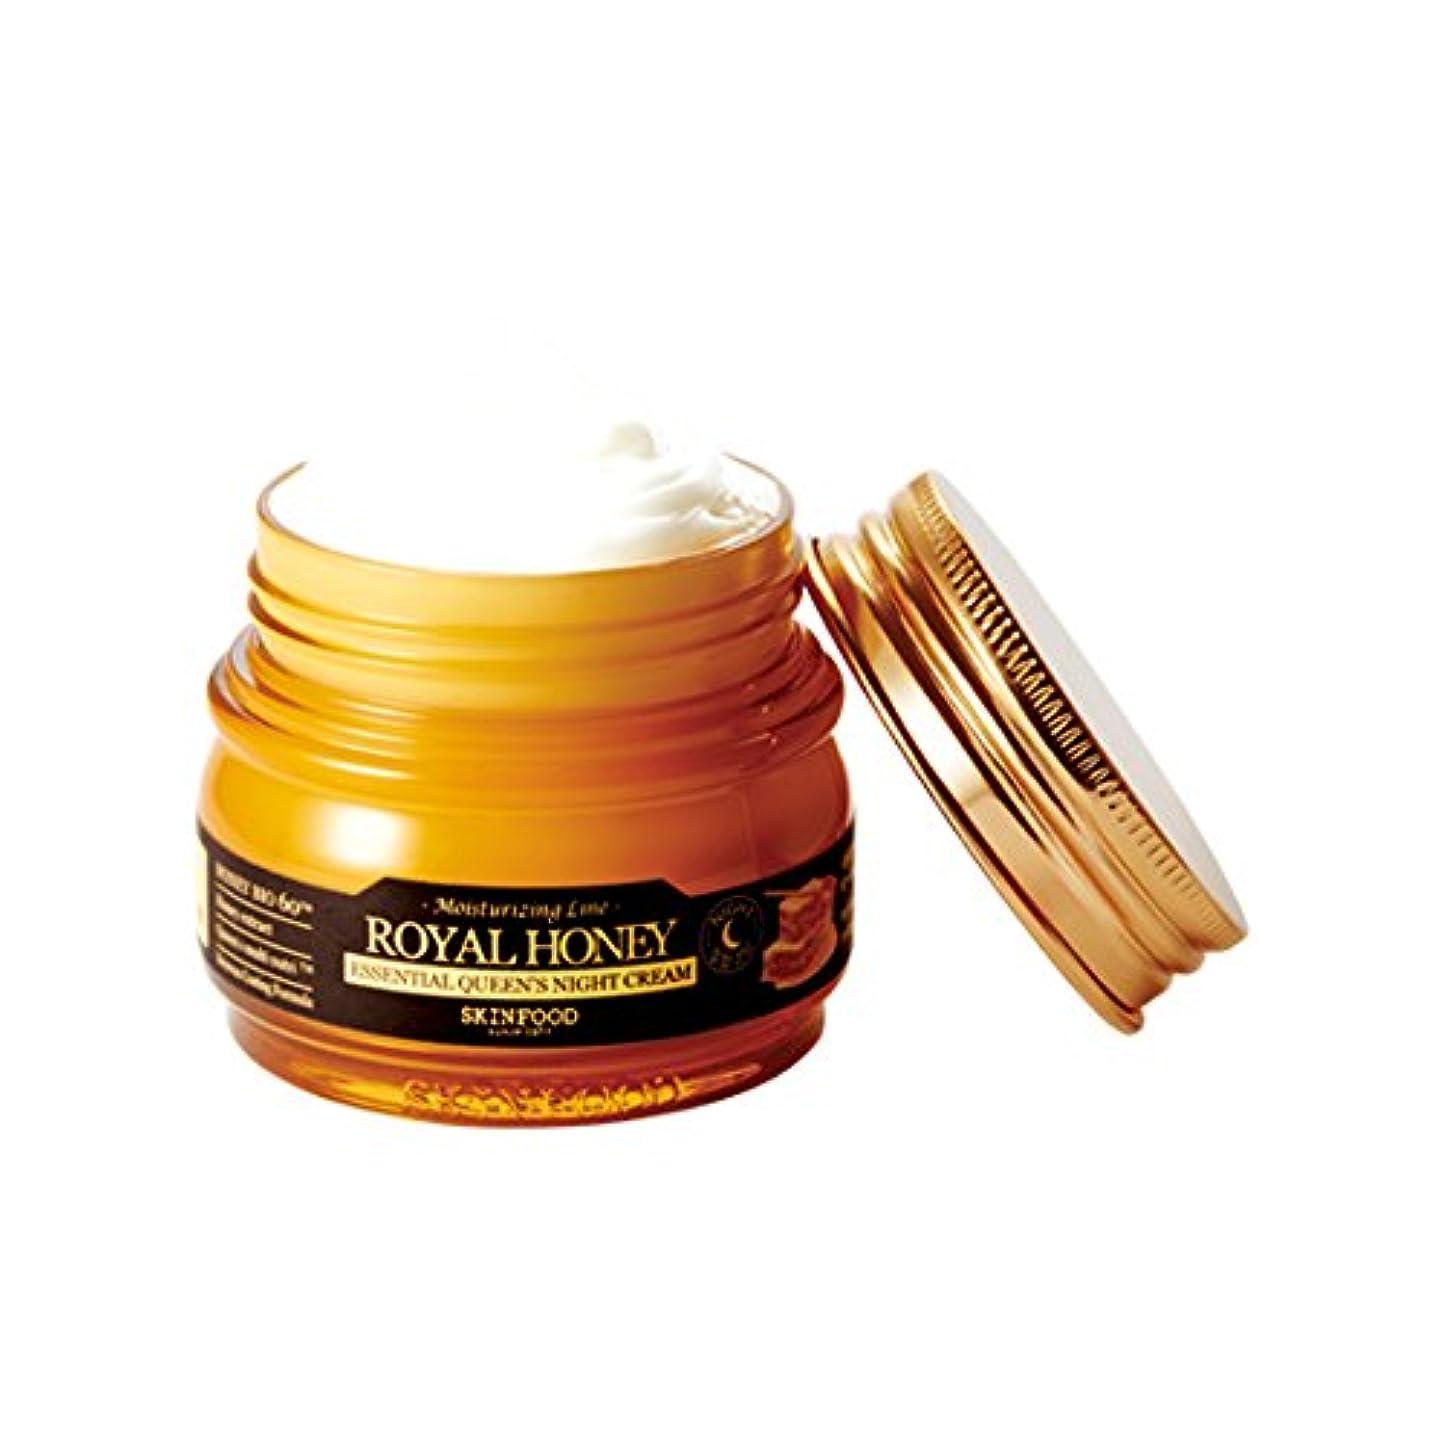 艶シーフード護衛SKINFOOD Royal Honey Essential Queen's Night Cream 63ml / スキンフード ロイヤルハニーエッセンシャルクイーンズナイトクリーム 63ml [並行輸入品]